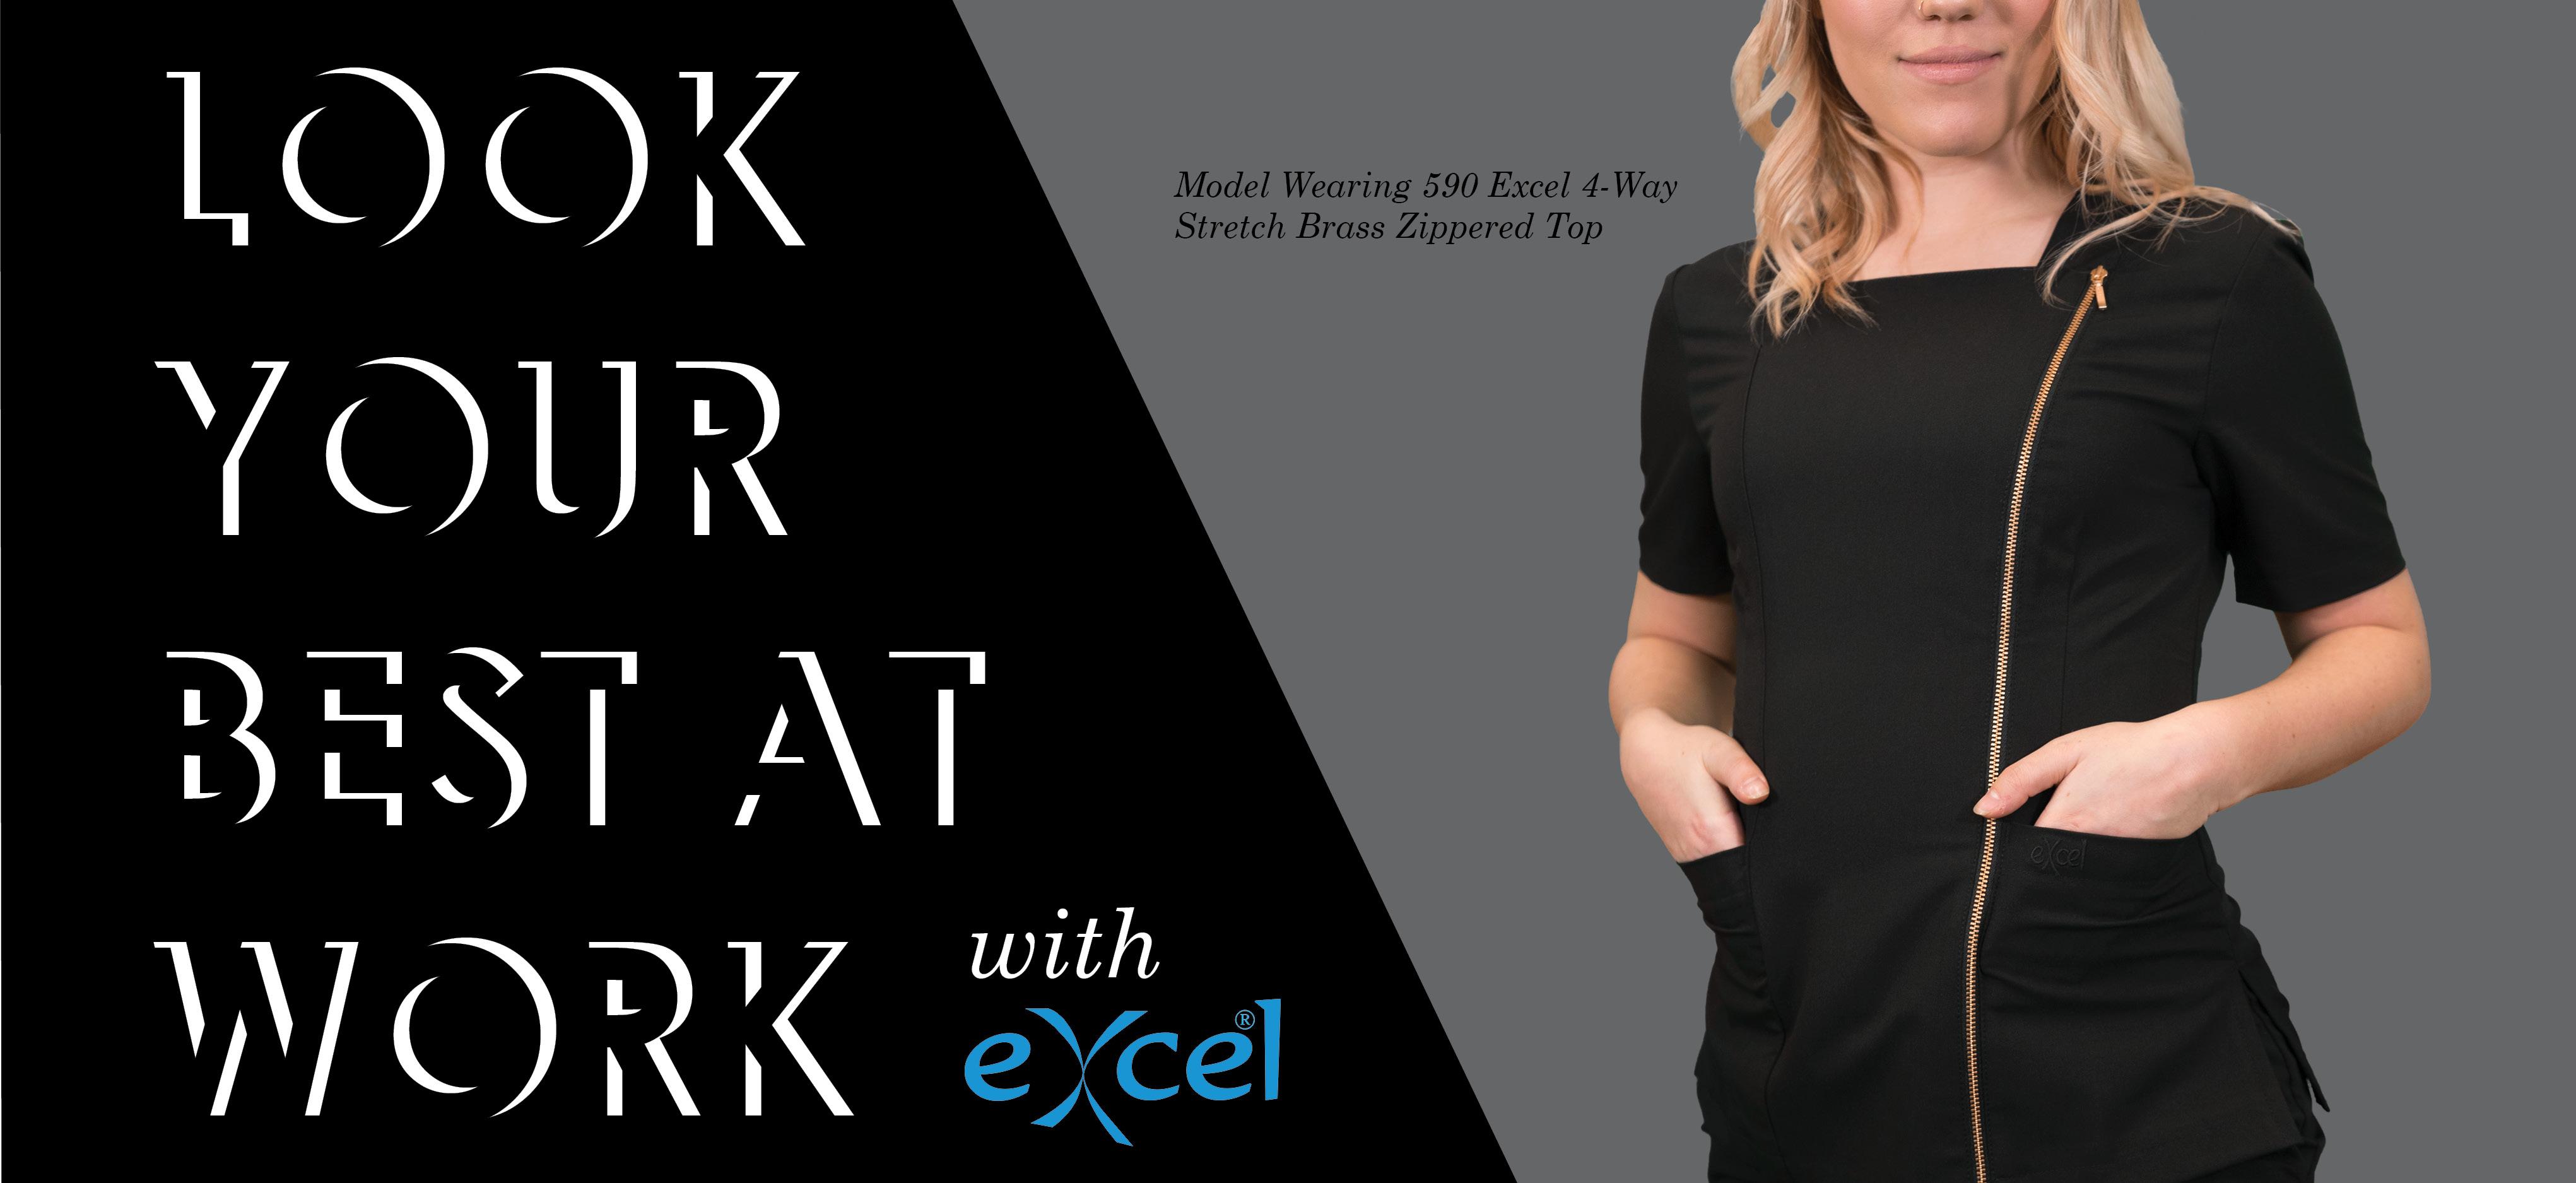 590 Excel 4-Way